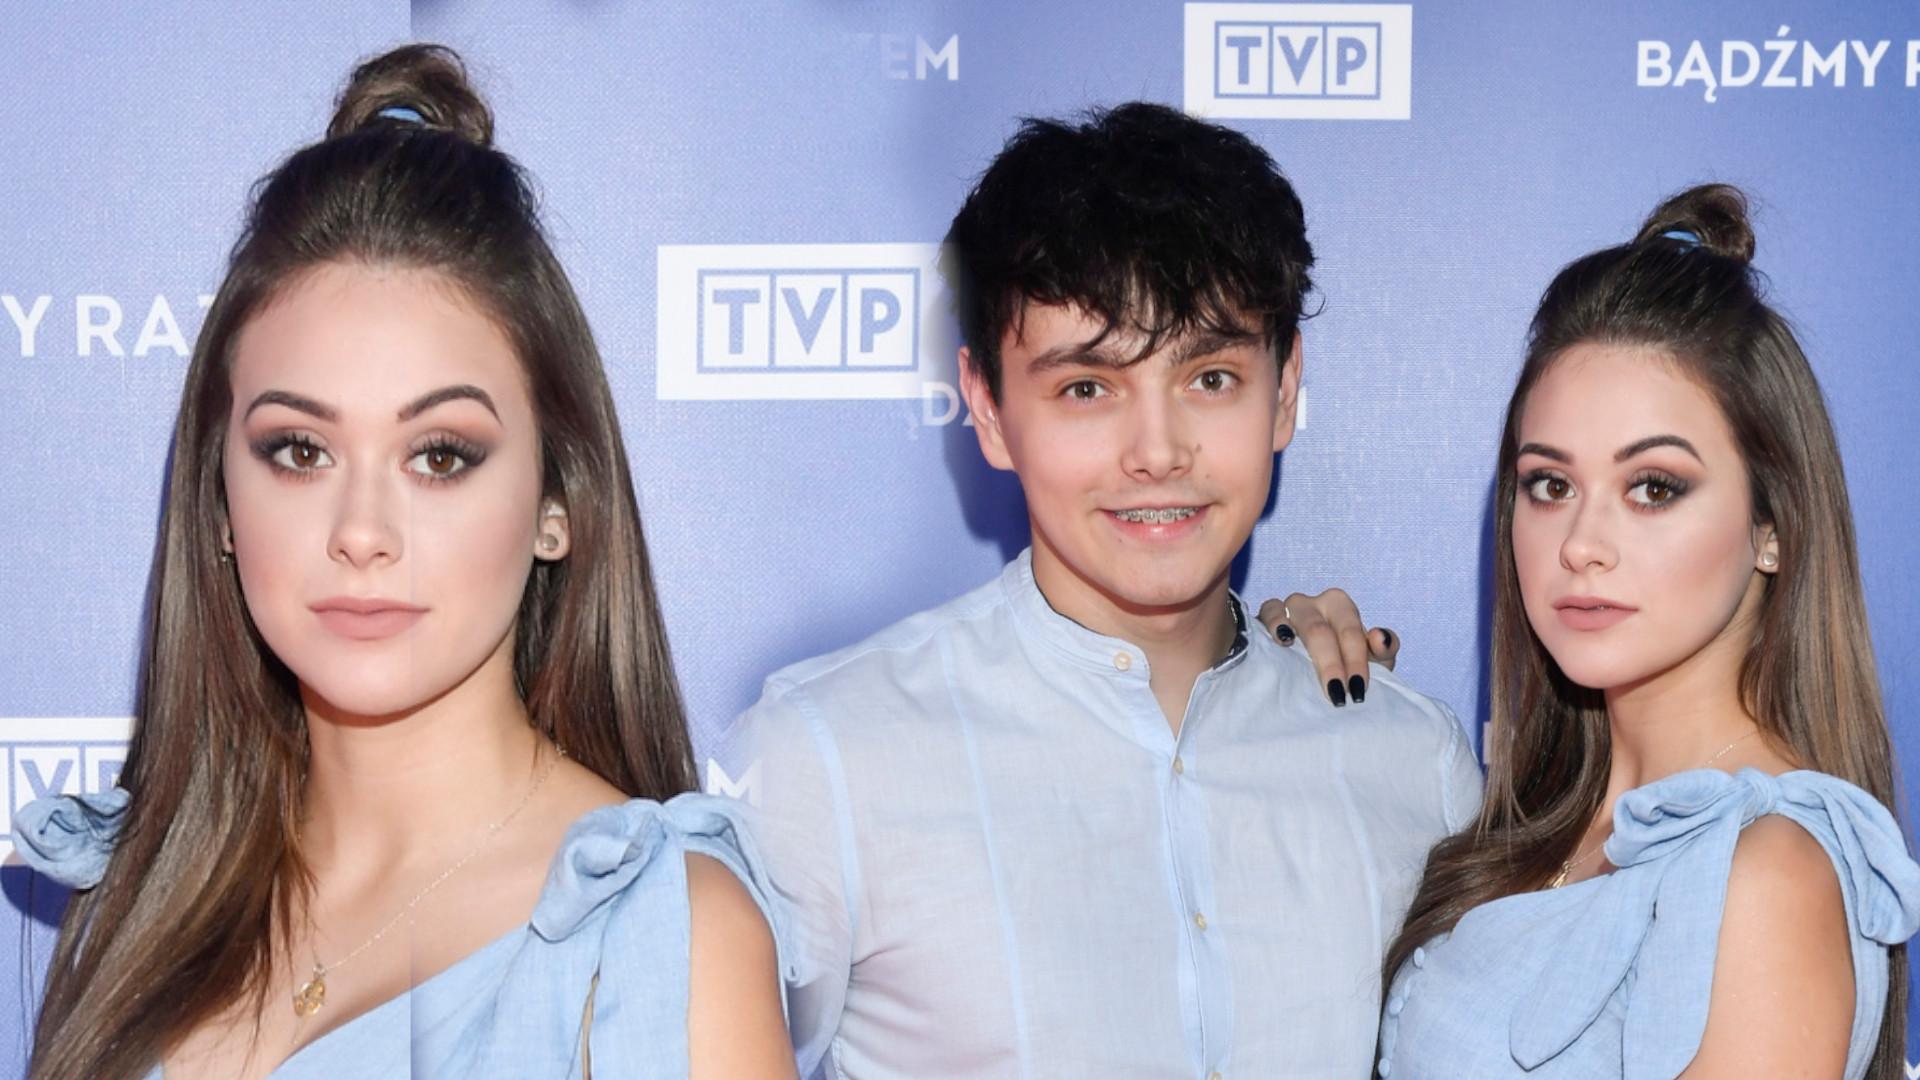 Sylwia Przybysz tą sukienką na pewno nie uciszyła plotek o ciąży. 22-letni youtuber zostanie ojcem?